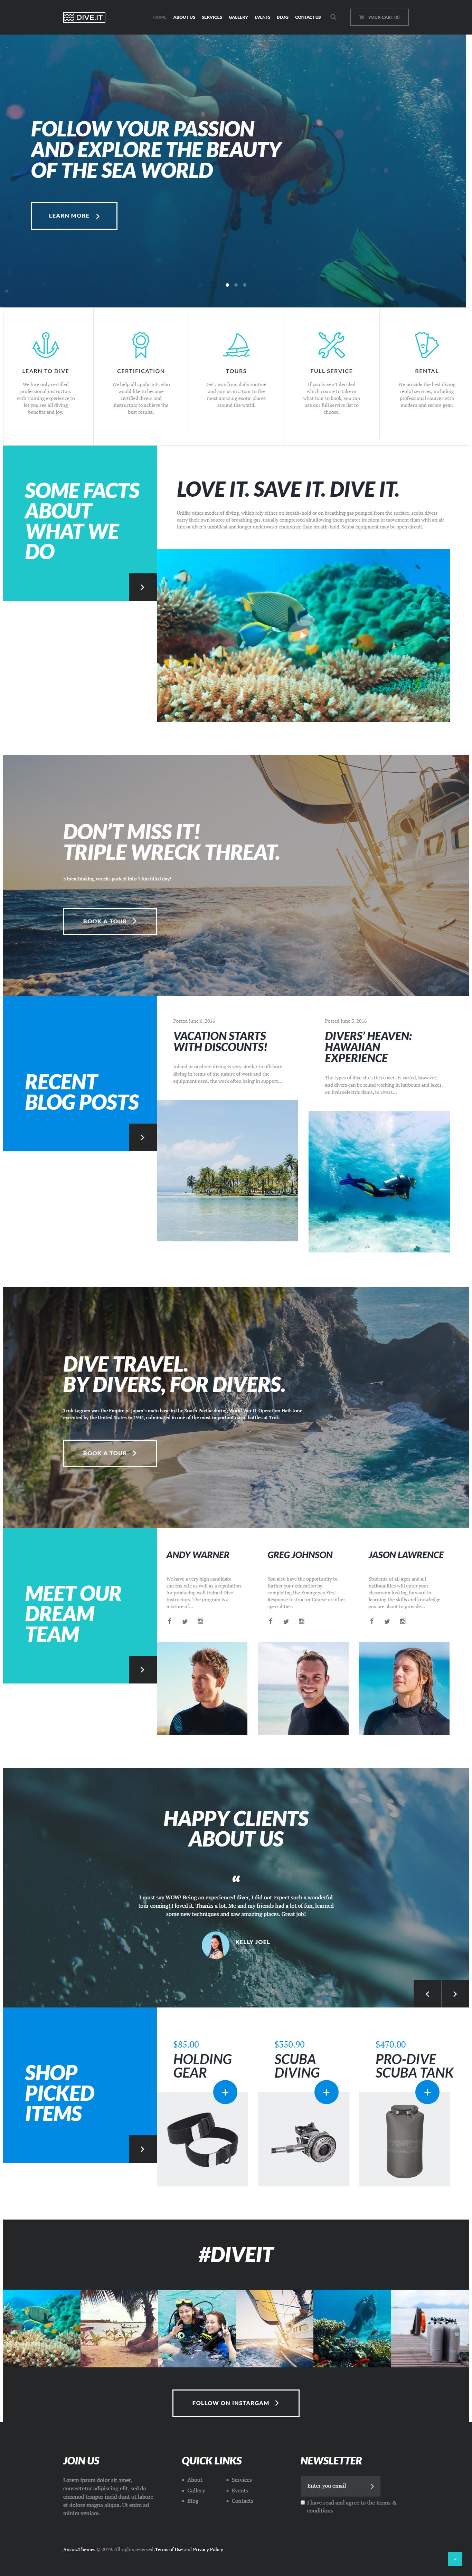 DiveIt - Best Premium Outdoor Activities WordPress Theme